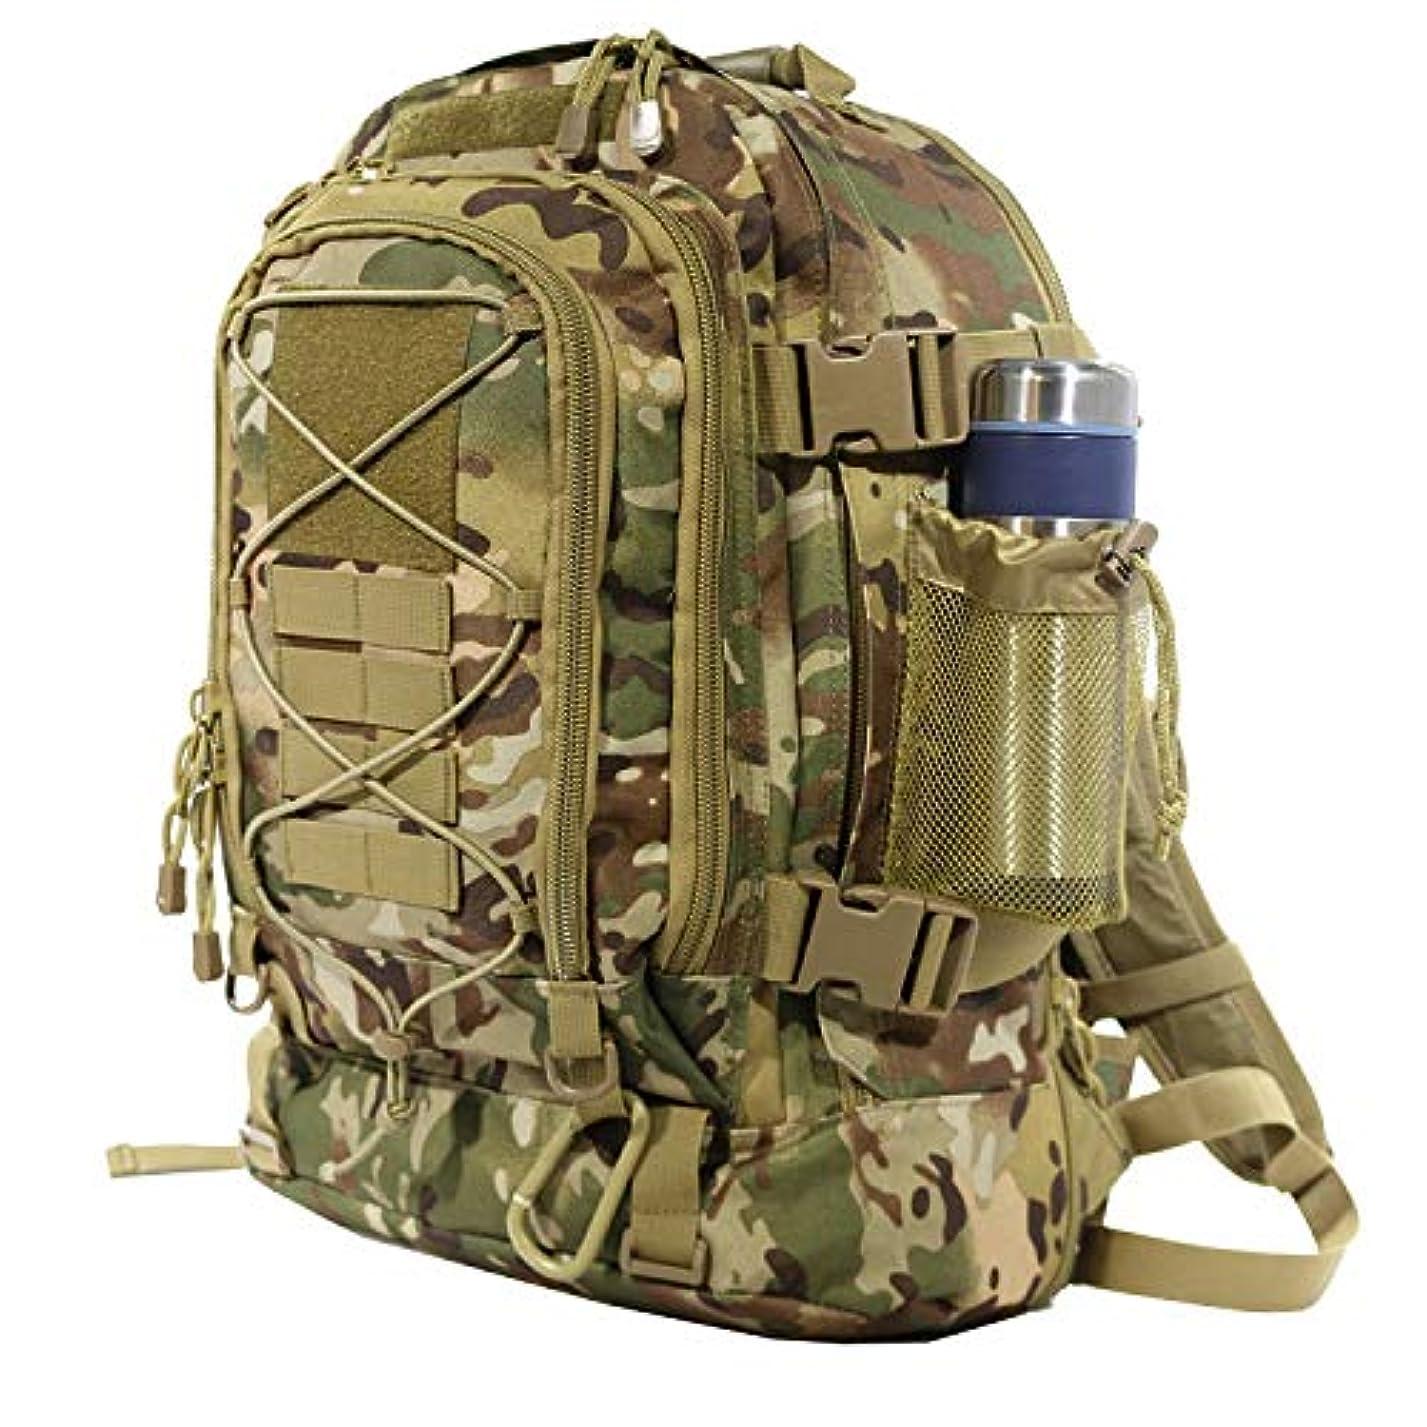 姪チョップ対応するARMYCAMOUSA 40L Outdoor Expandable Tactical Backpack Military Sport Camping Hiking Trekking Bag (08001 Multicam) [並行輸入品]